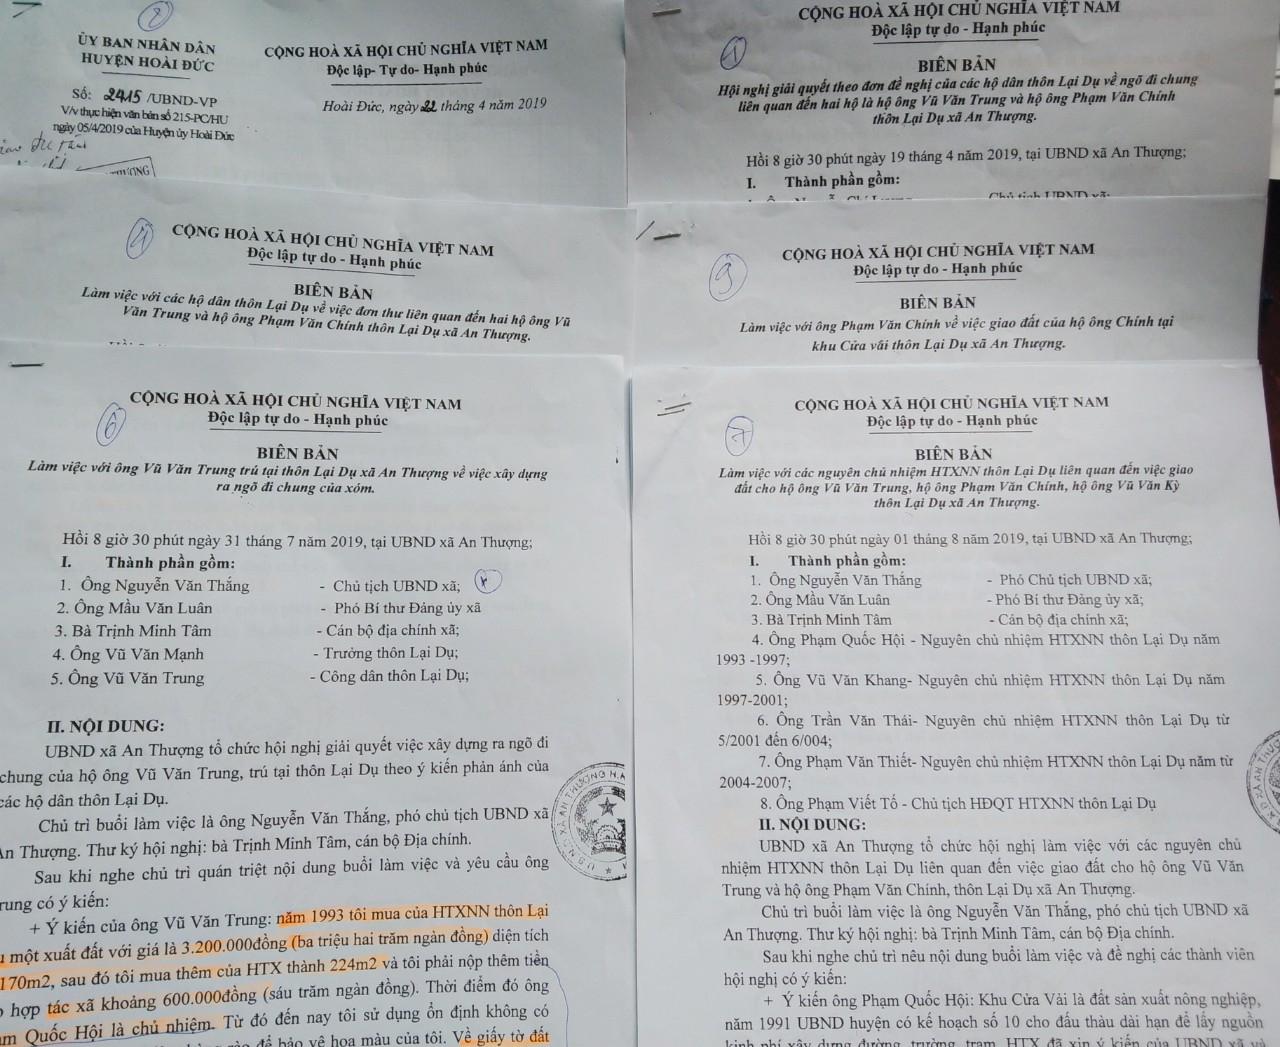 Các văn bản chỉ đạo của Huyện ủy, UBND huyện Hoài Đức